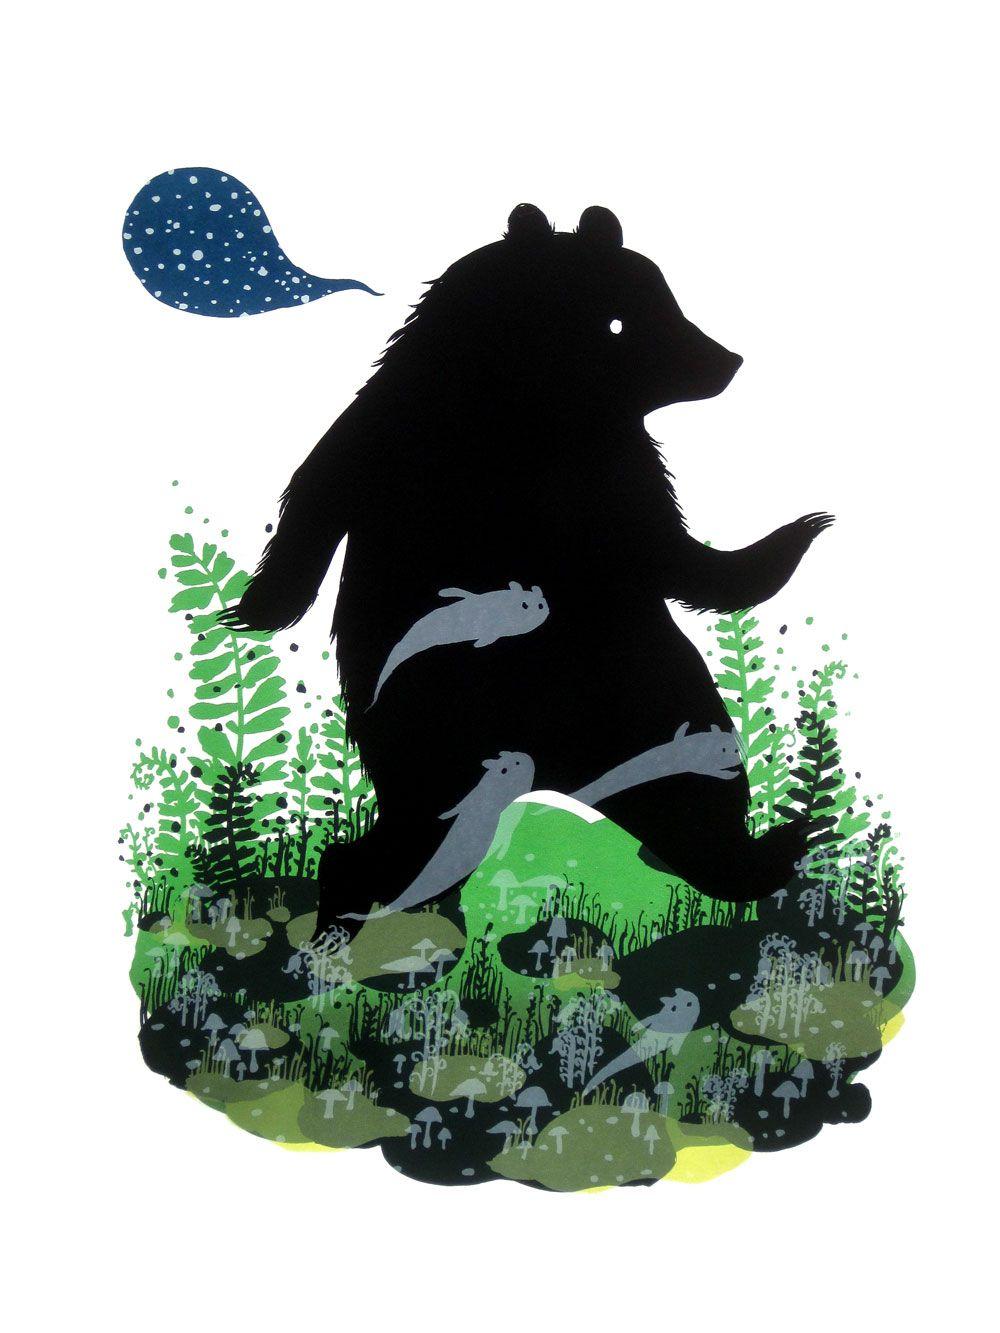 the Tiny Aviary: Ghost Bear Diana Sudyka